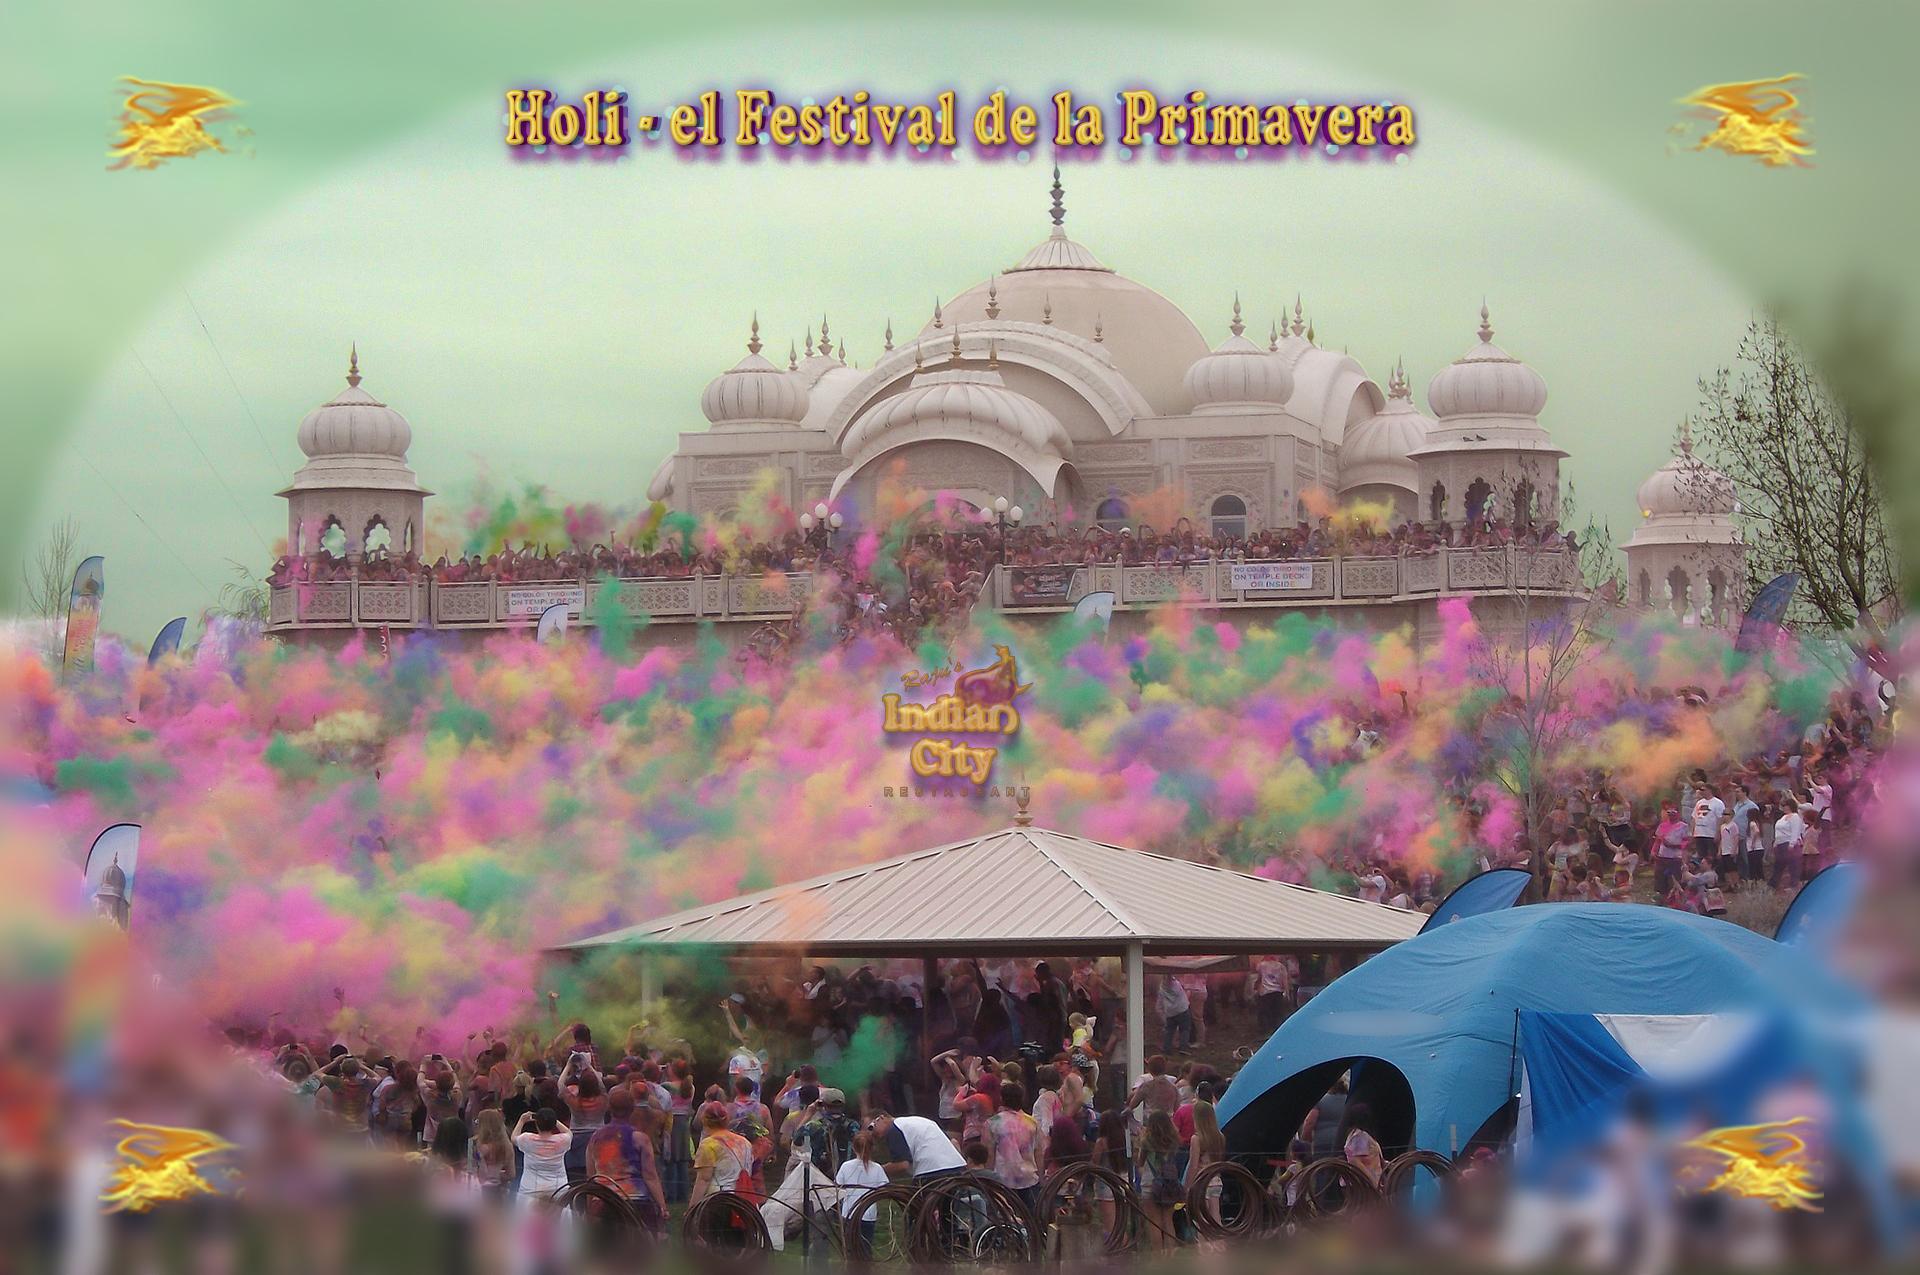 Holi, la fiesta de la Primavera